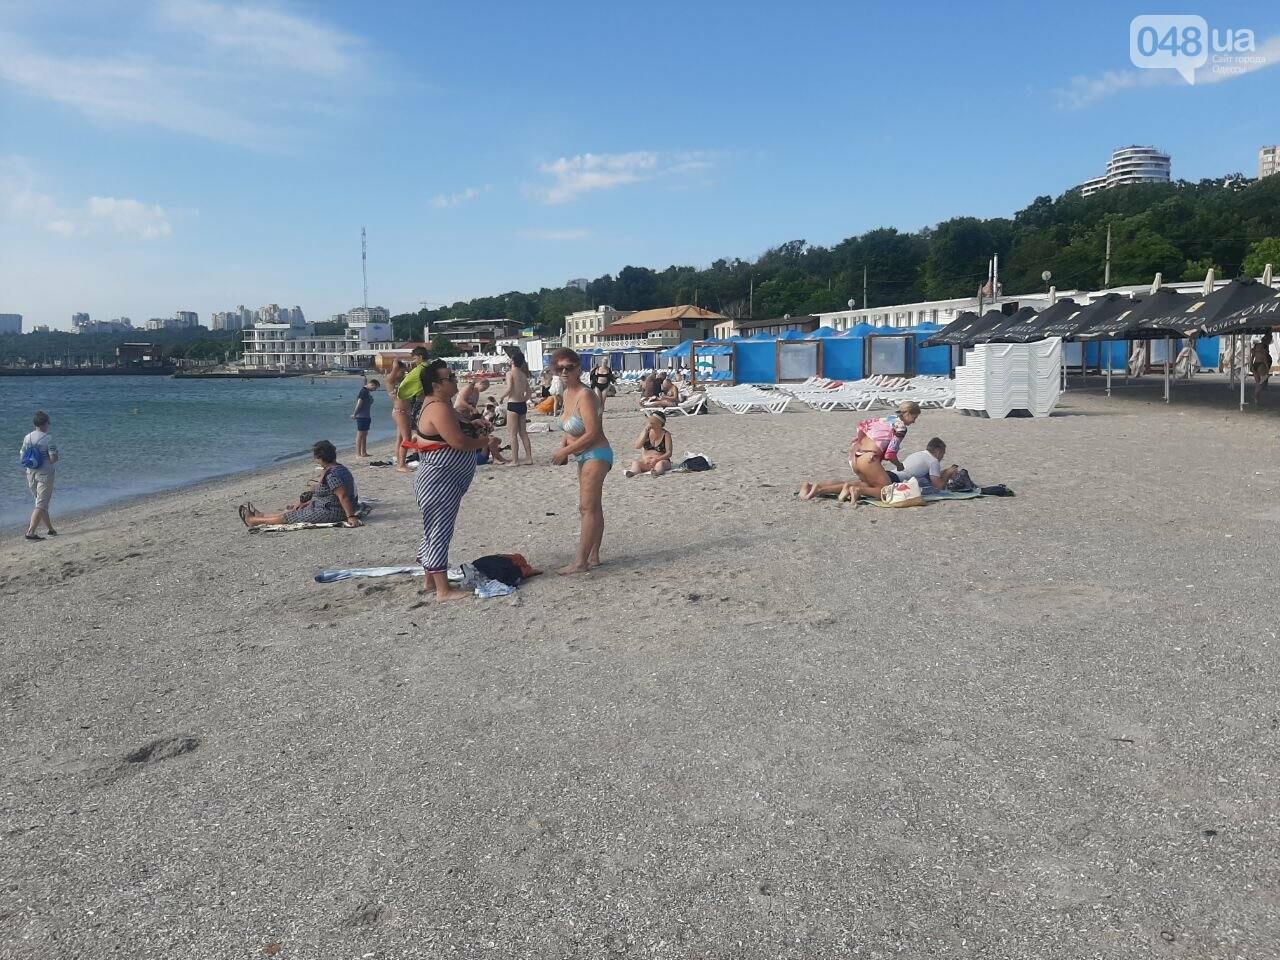 Как выглядит пляж Ланжерон в Одессе после ливня, - ФОТО, ВИДЕО, фото-15